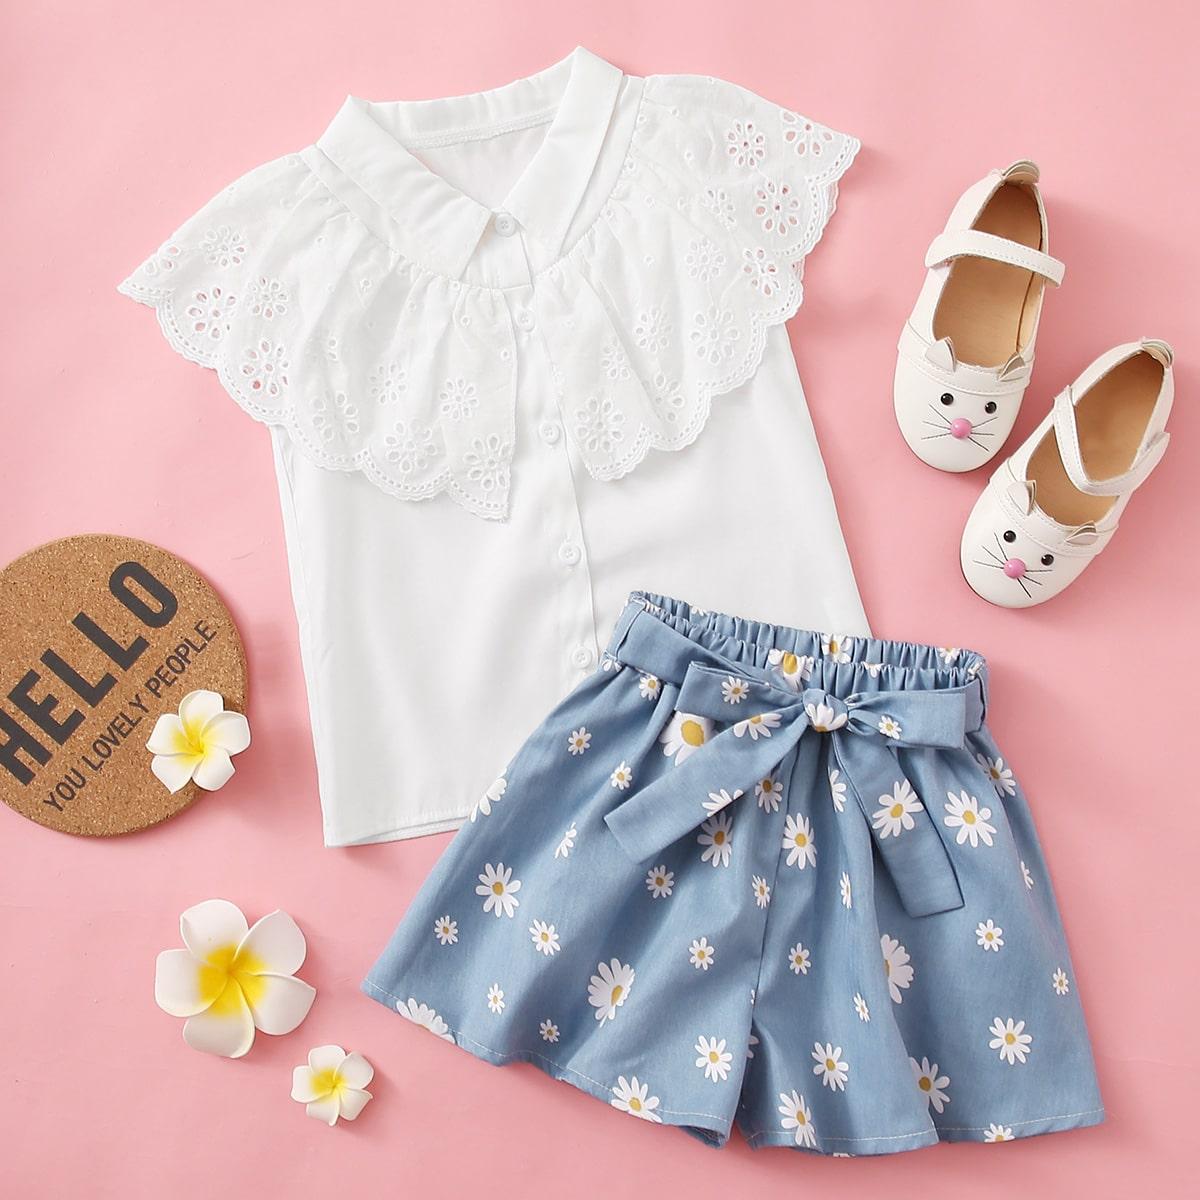 Блузка с вышивкой и шорты с поясом, узором маргаритки для девочек